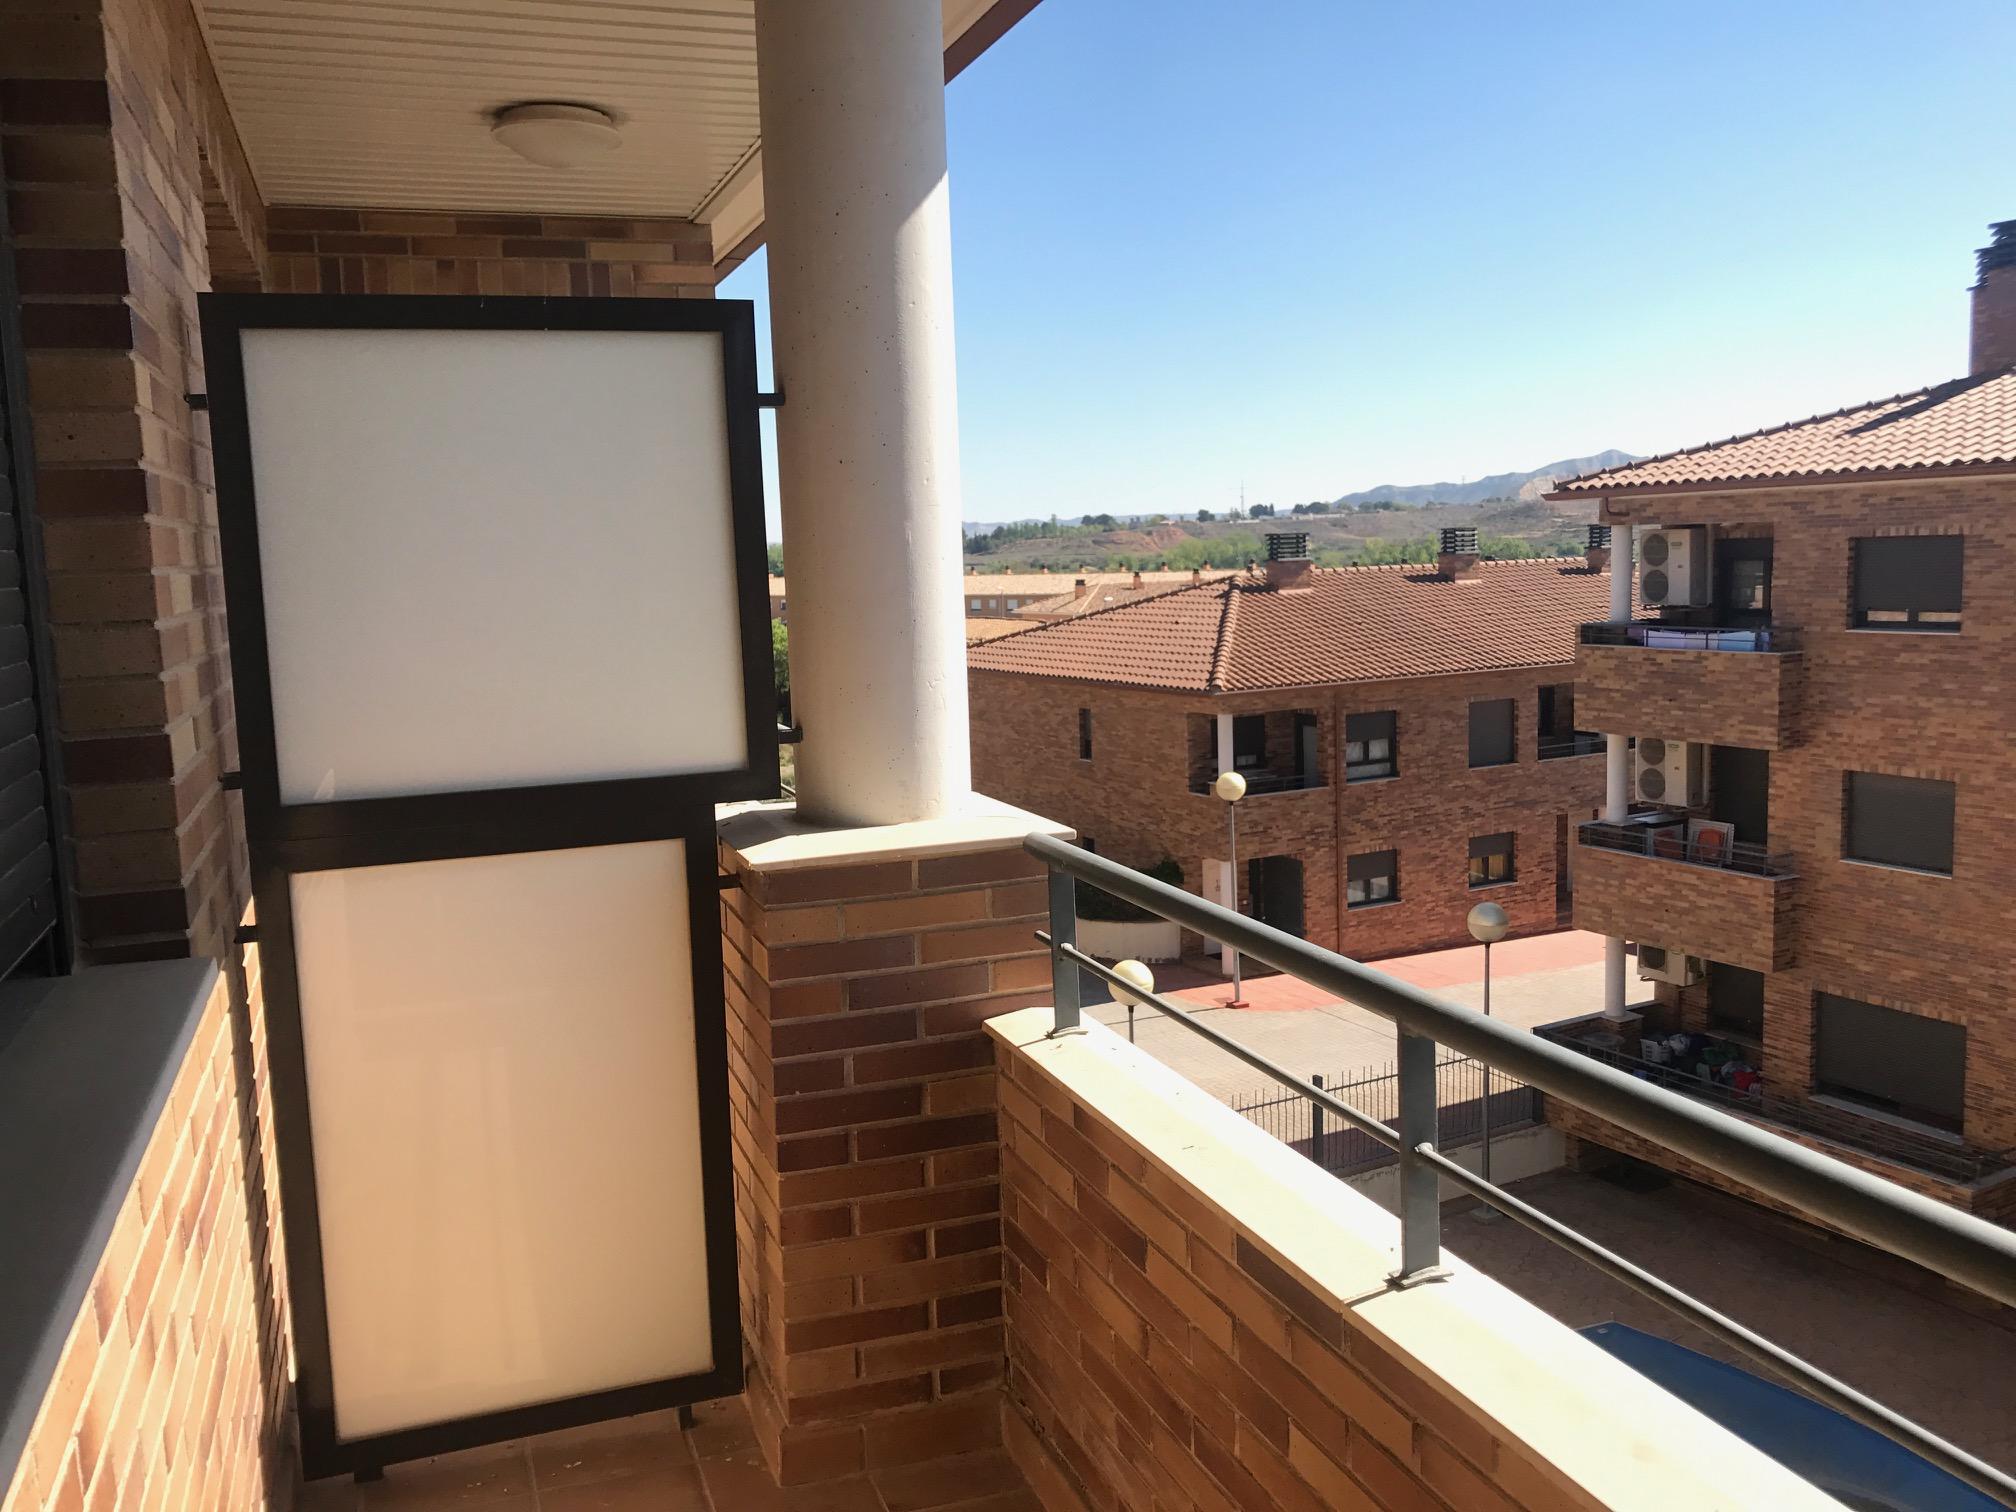 Casa en venta en Muel, Zaragoza, Avenida Garcia Gimenes, 139.000 €, 4 habitaciones, 2 baños, 173 m2